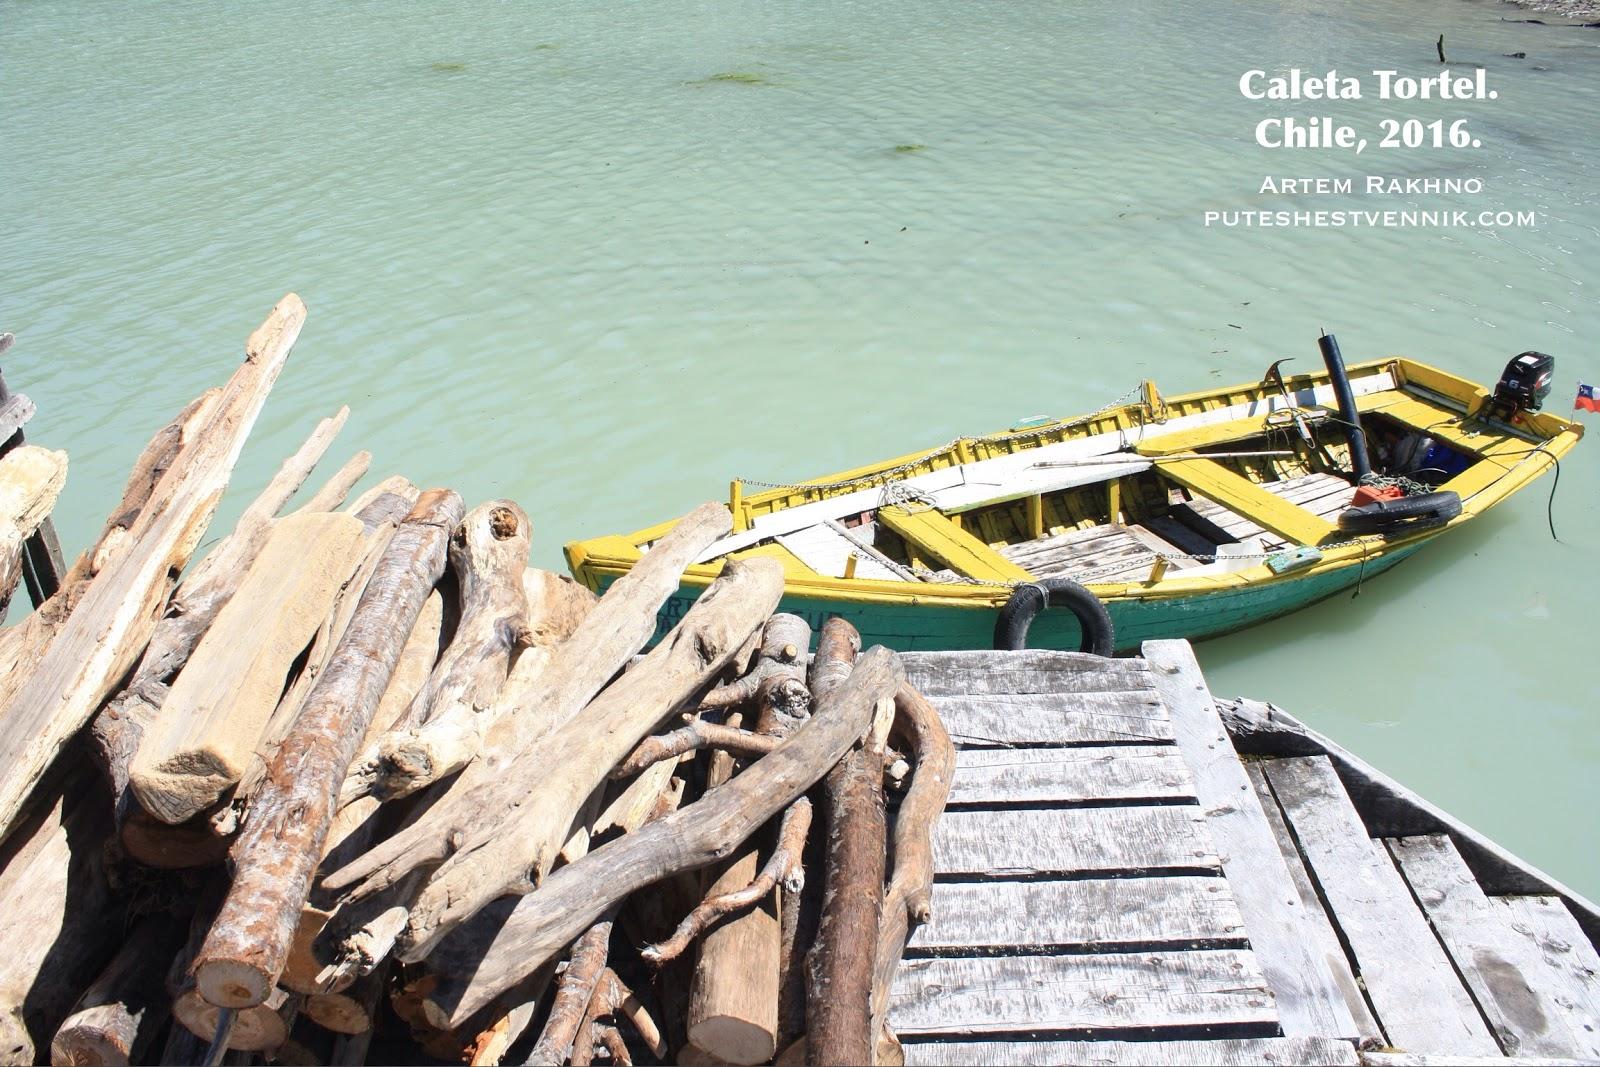 Лодка и дрова в деревне Калета Тортел